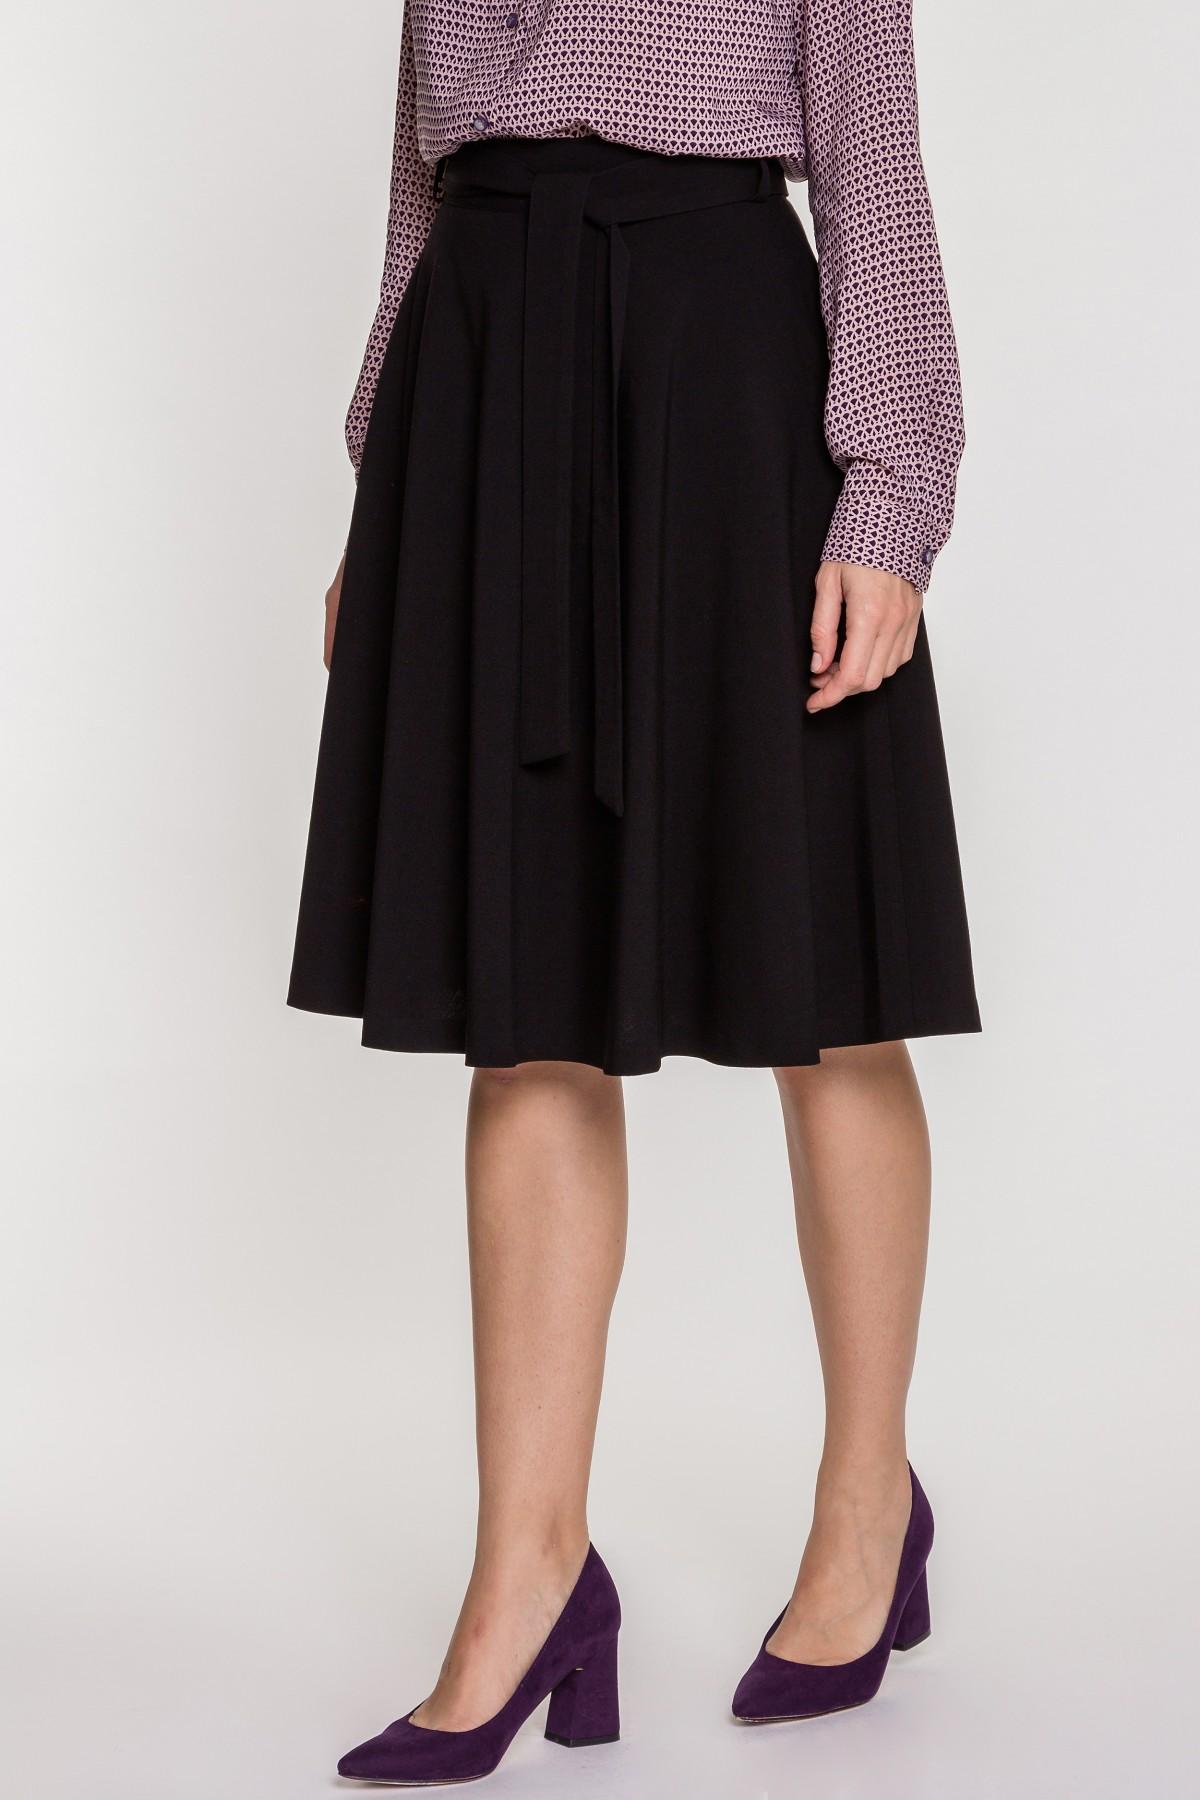 ef143db5dc Czarna spódnica – 6 sposobów na udane stylizacje - Blog o modzie ...